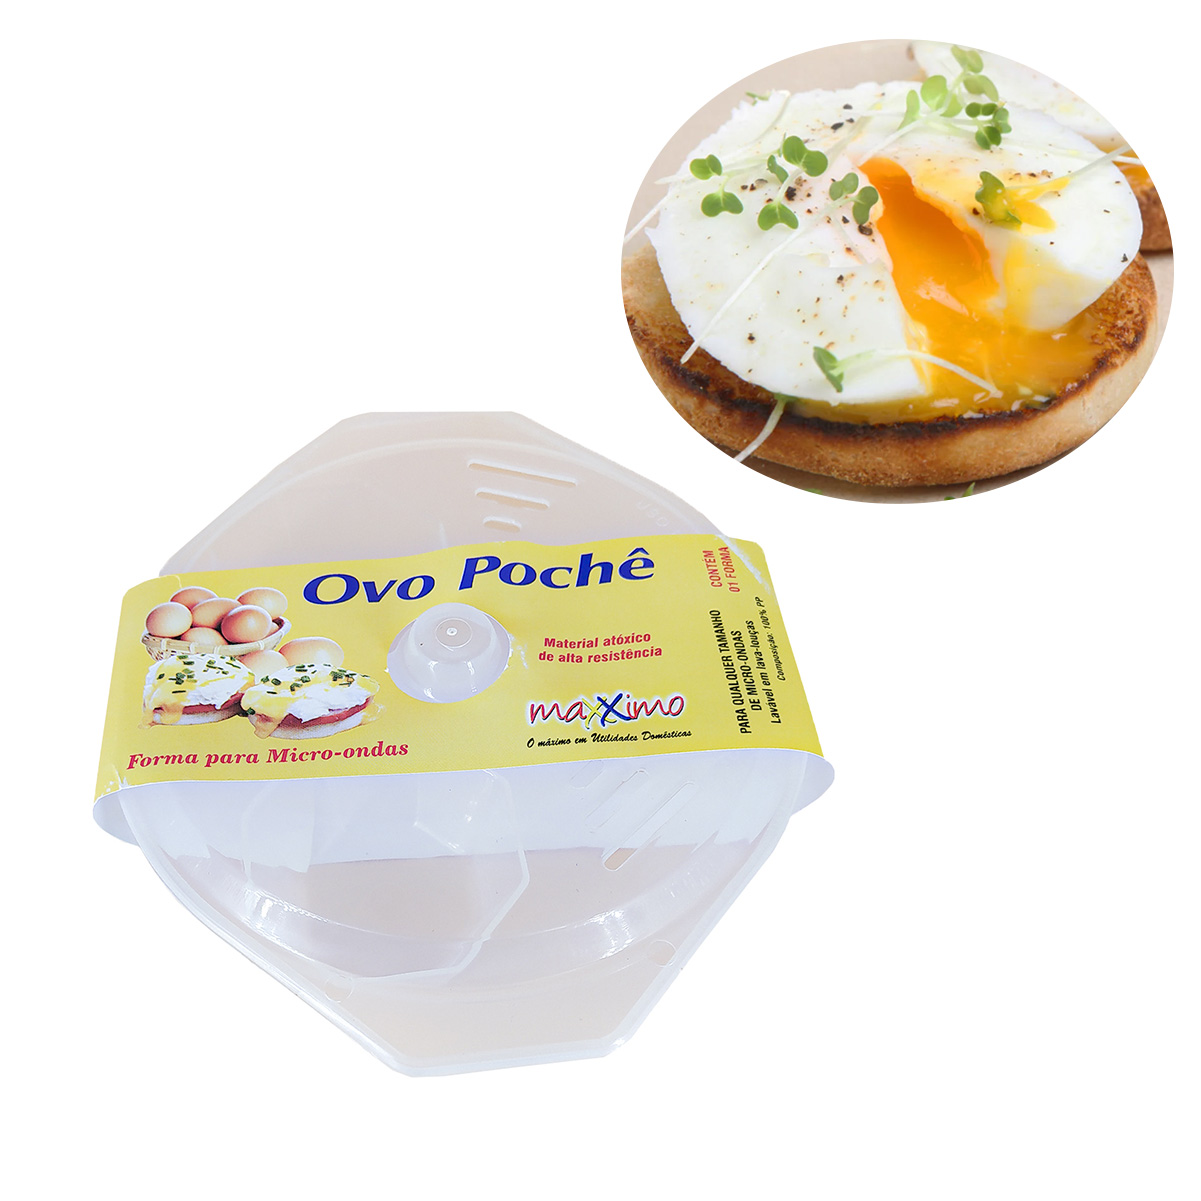 Forma De Ovo Pochê e Frito Recipiente Microondas Até 3 Ovos